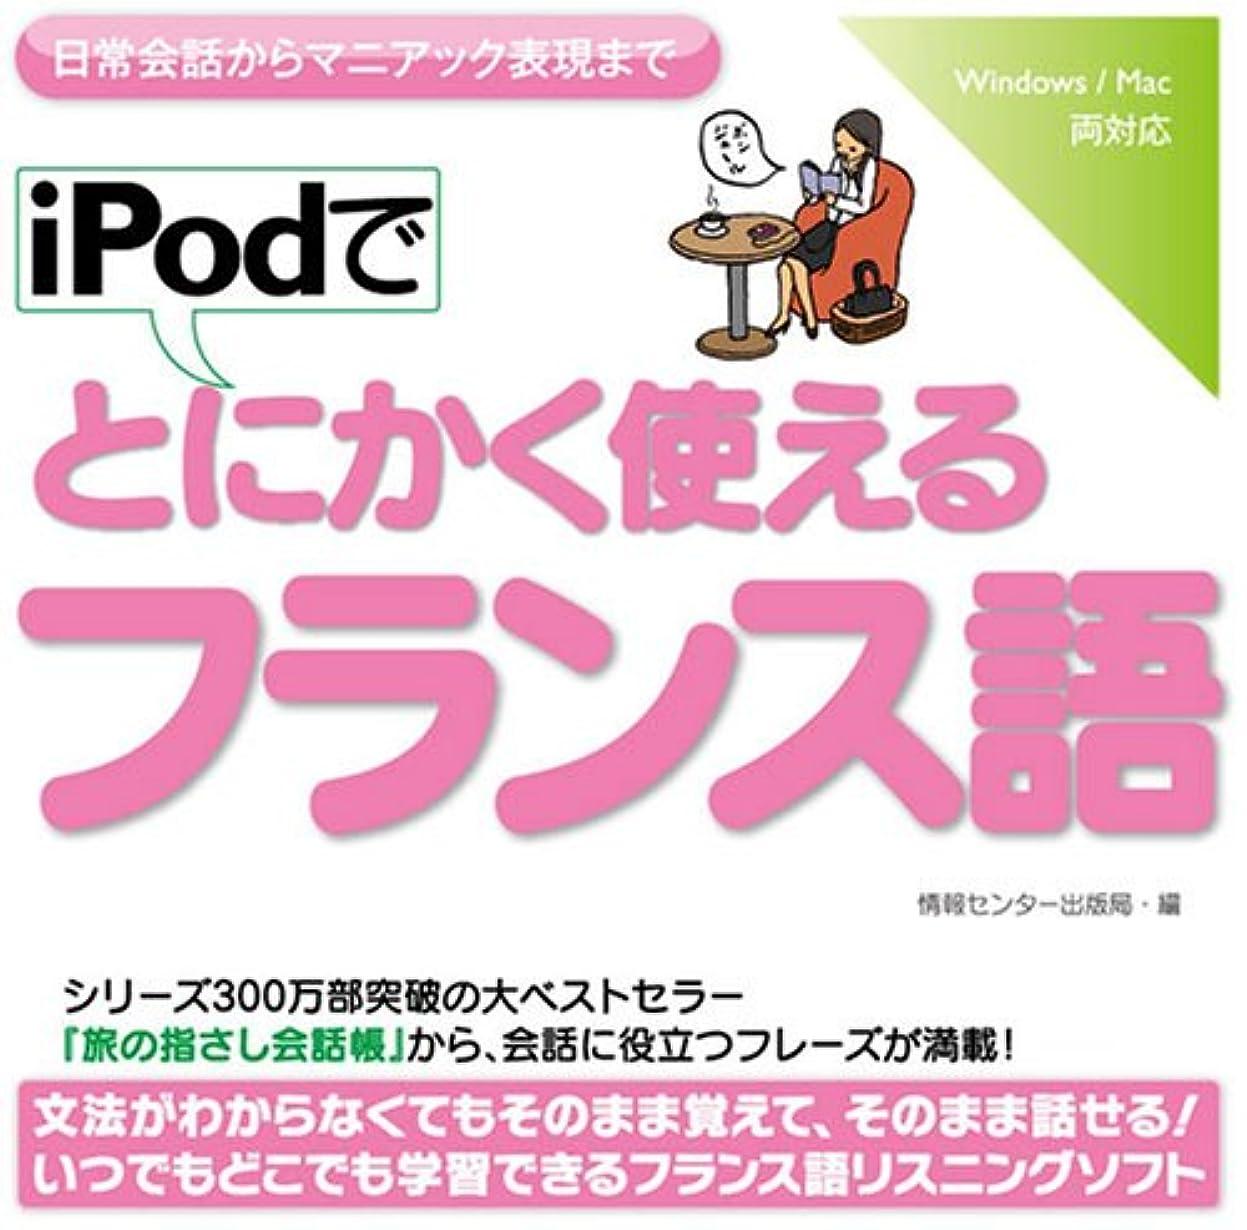 ビリーヤギ飲料上級iPodでとにかく使えるフランス語